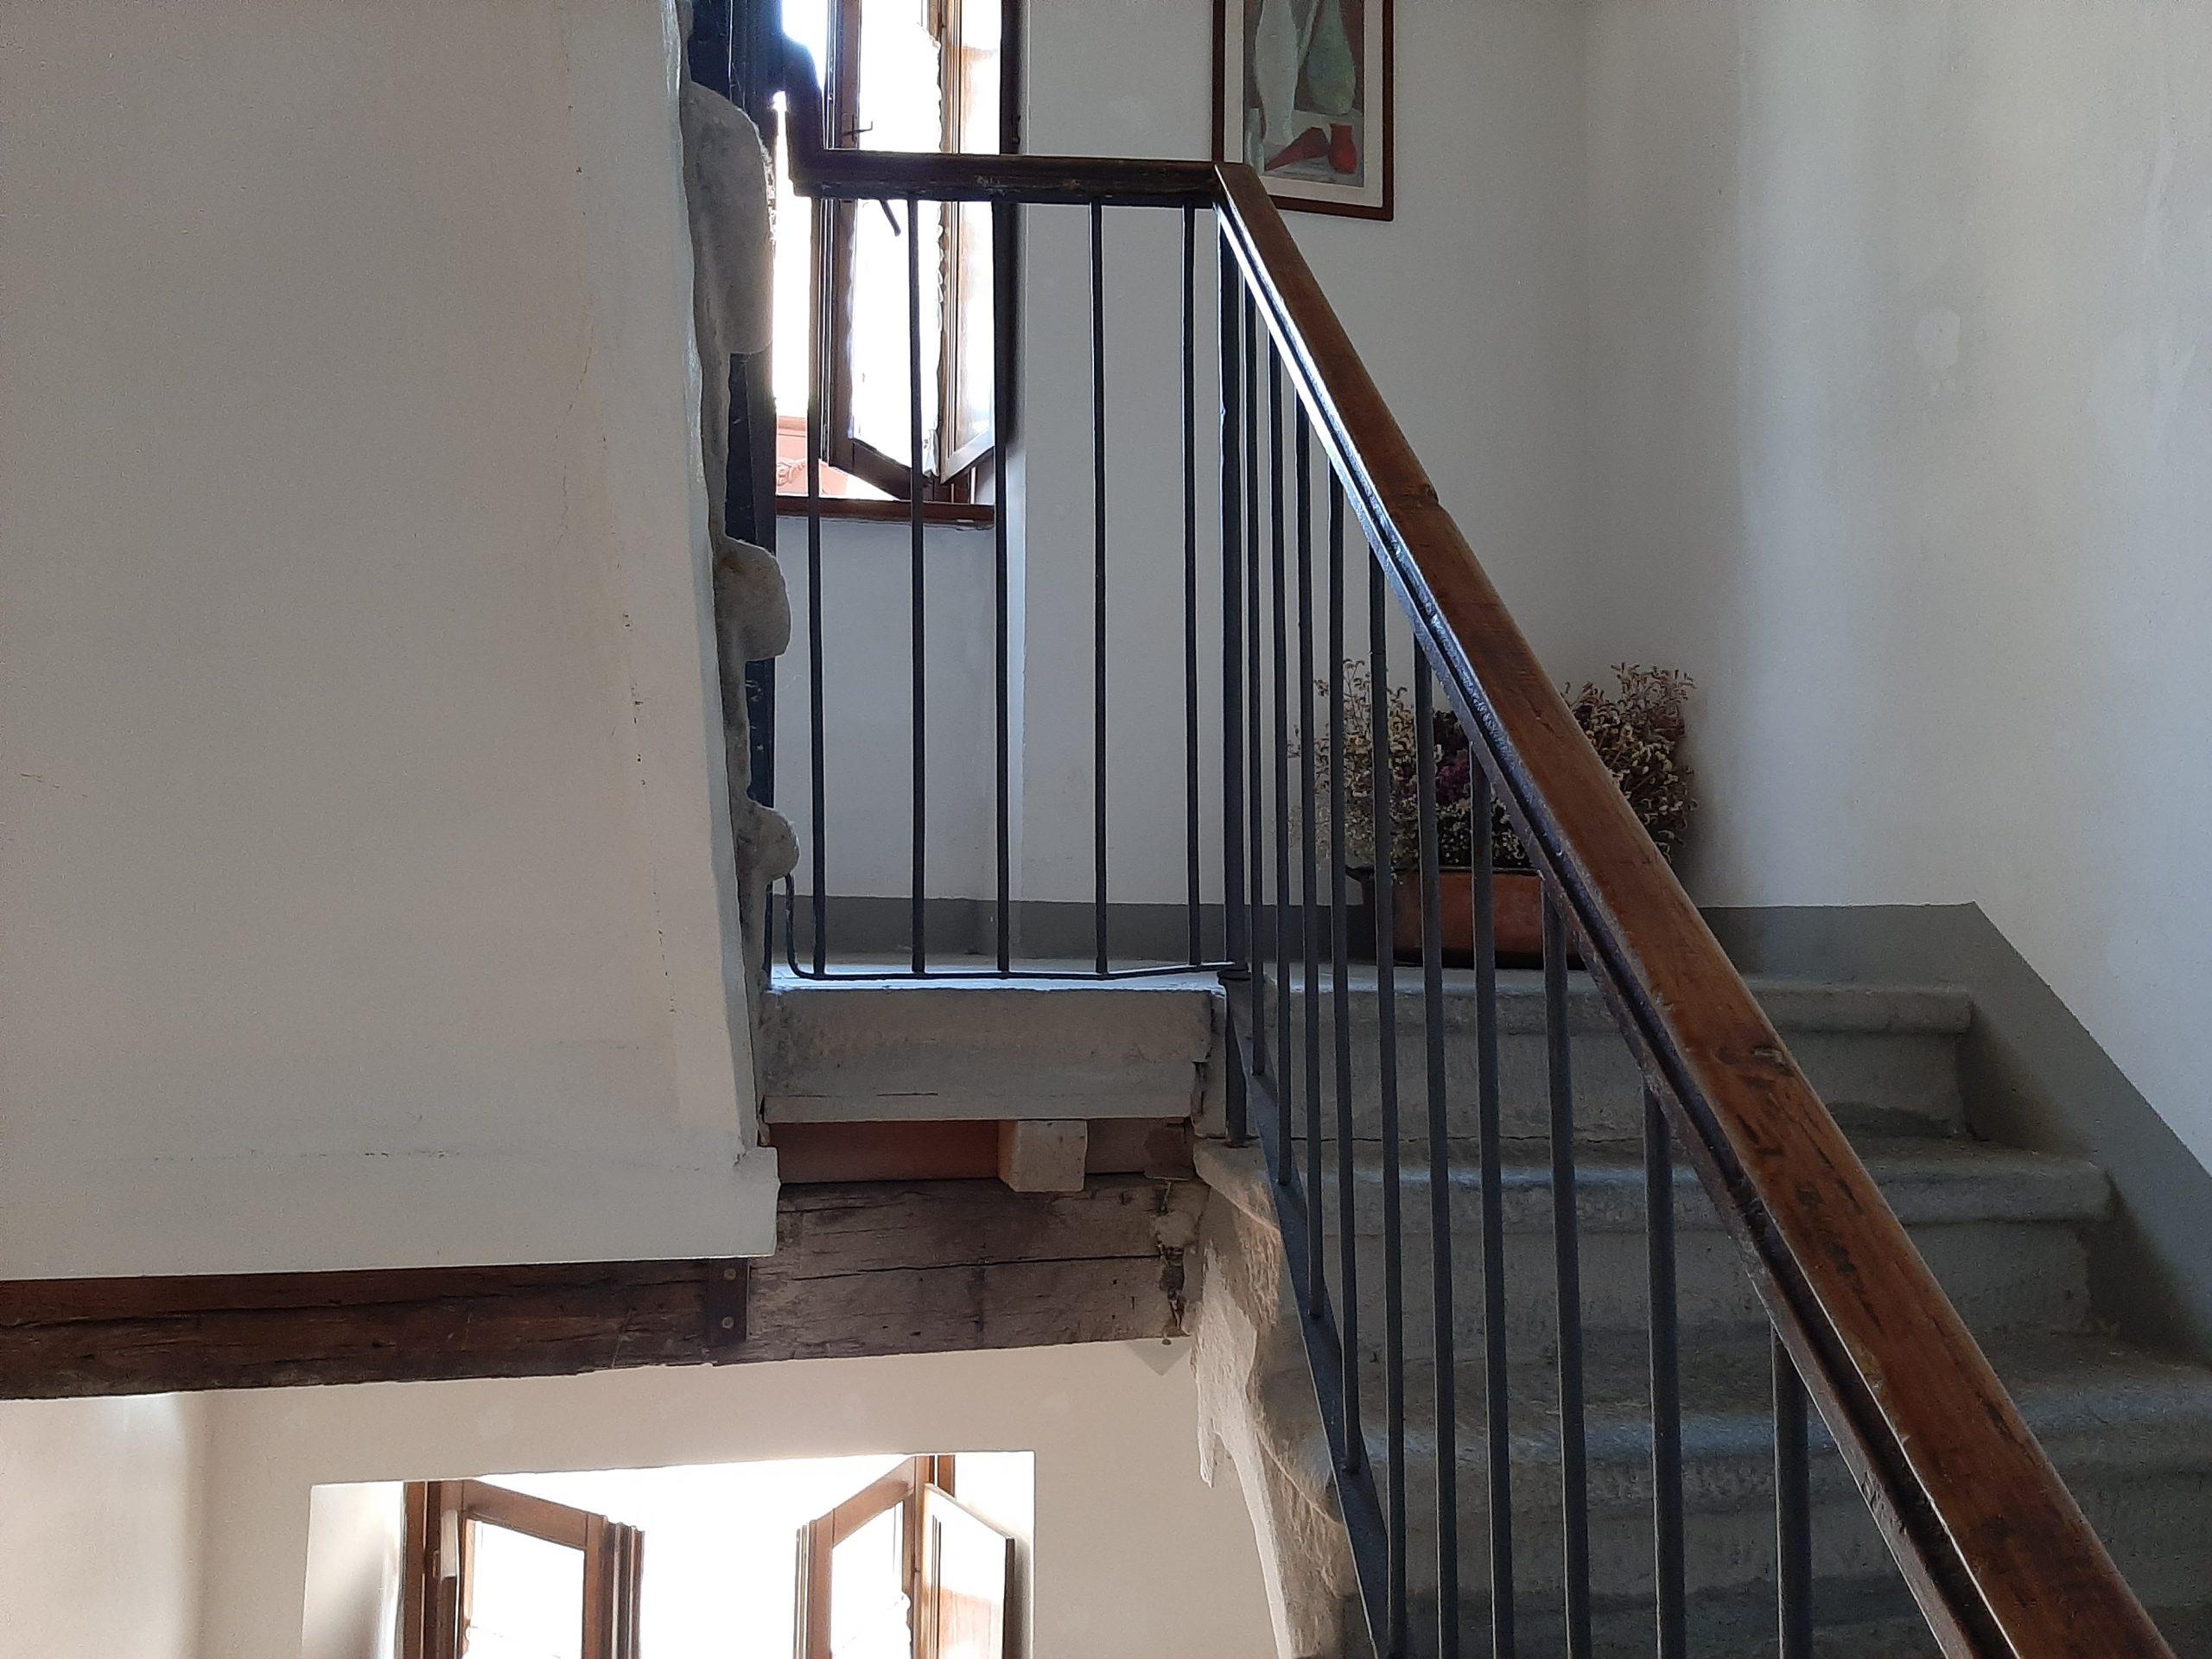 Fivizzano : Casa ristrutturata nel borgo , molto affascinante.  Ref . 2424